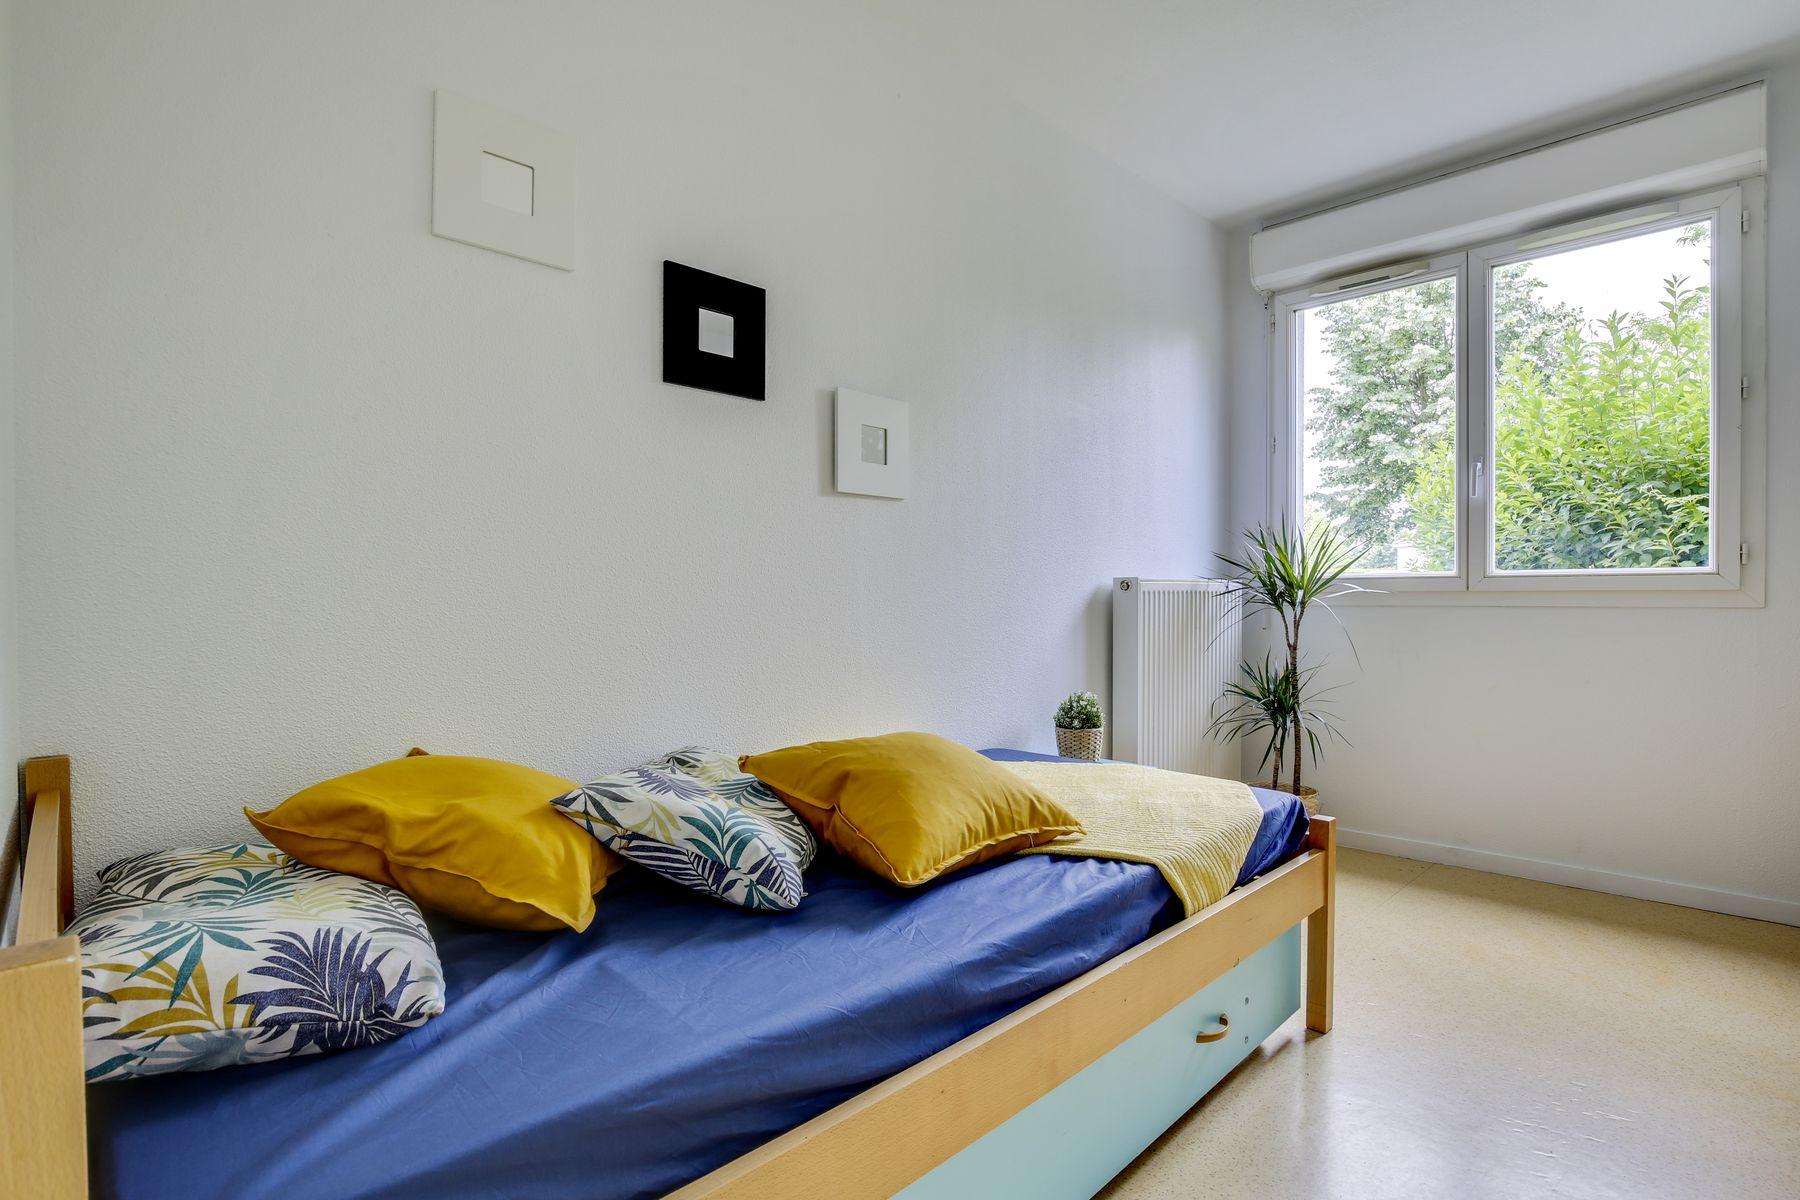 LOGIFAC résidence étudiante Pyramide Lieusaint lit et fenetre